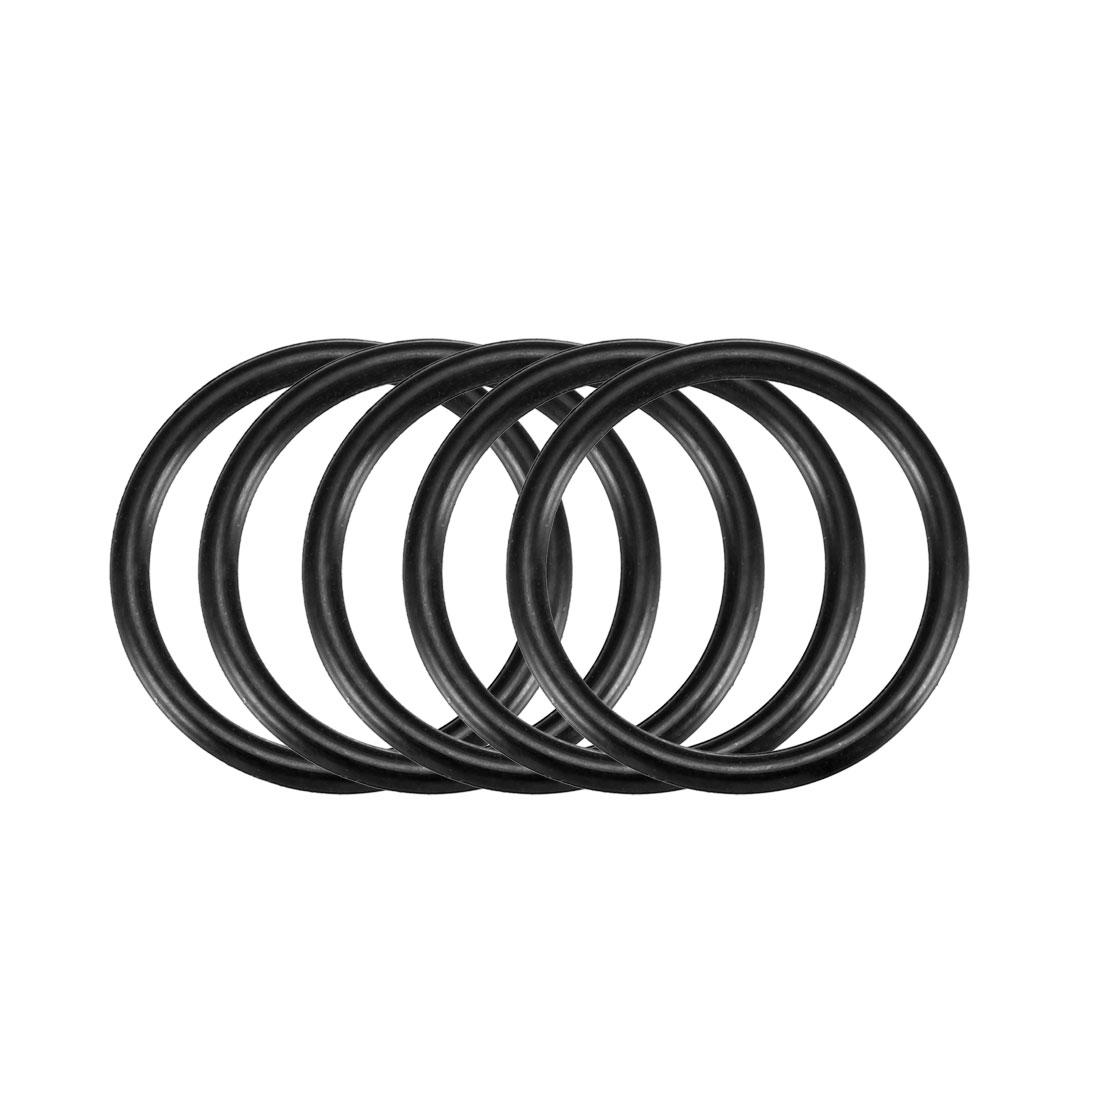 50pcs Black Nitrile Butadiene Rubber NBR O-Ring 18mm Inner Dia 1.9mm Width